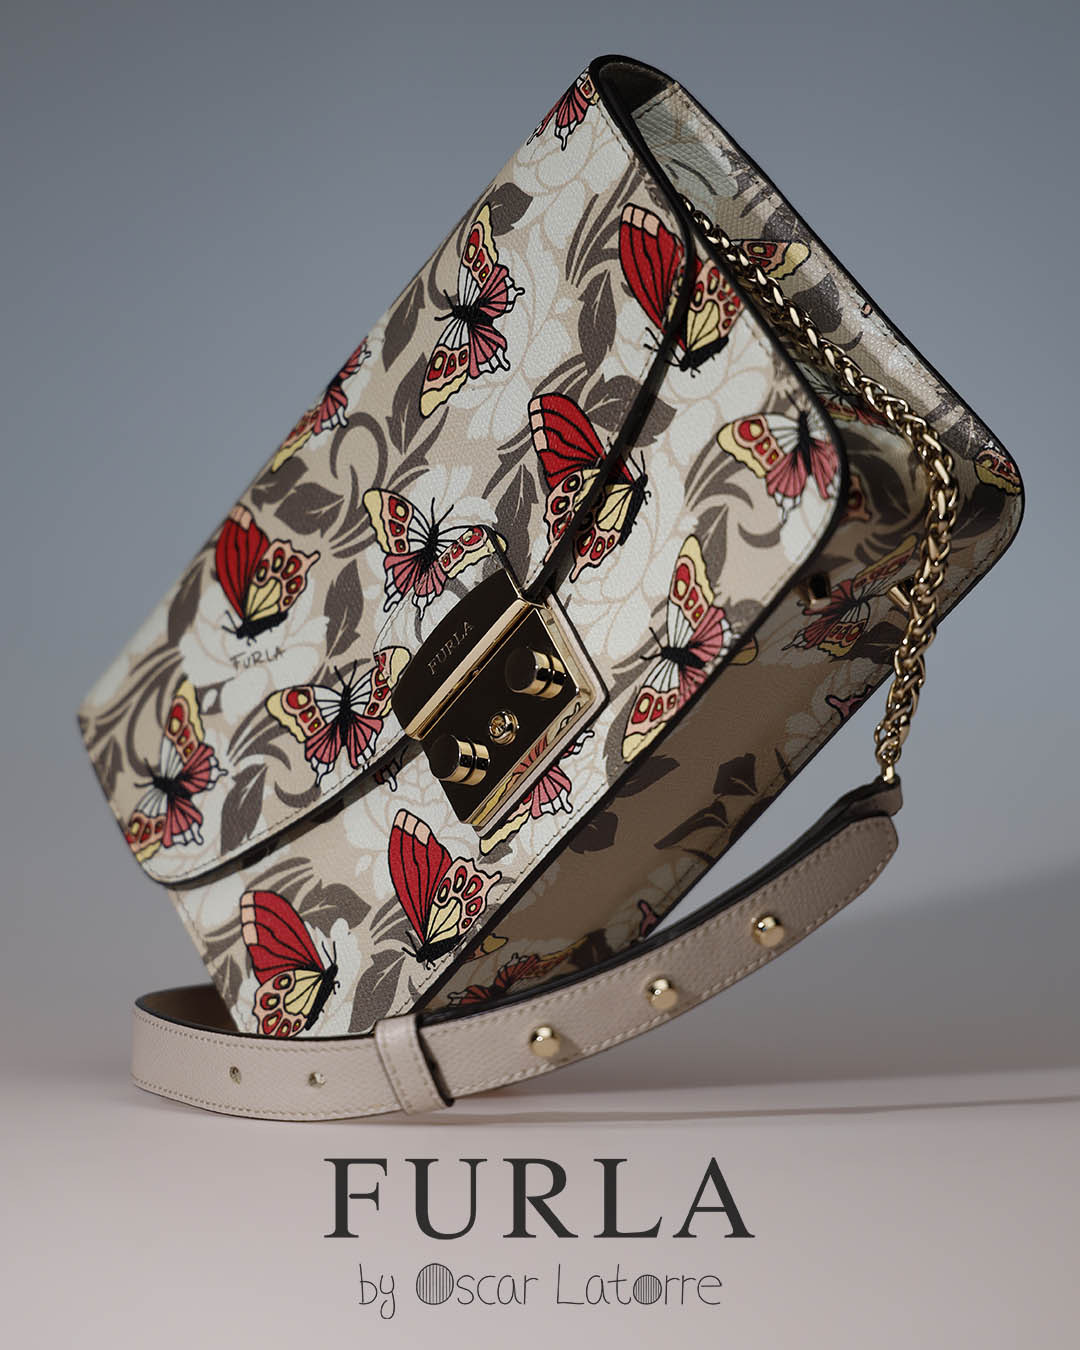 Furla by Oscar Latorre